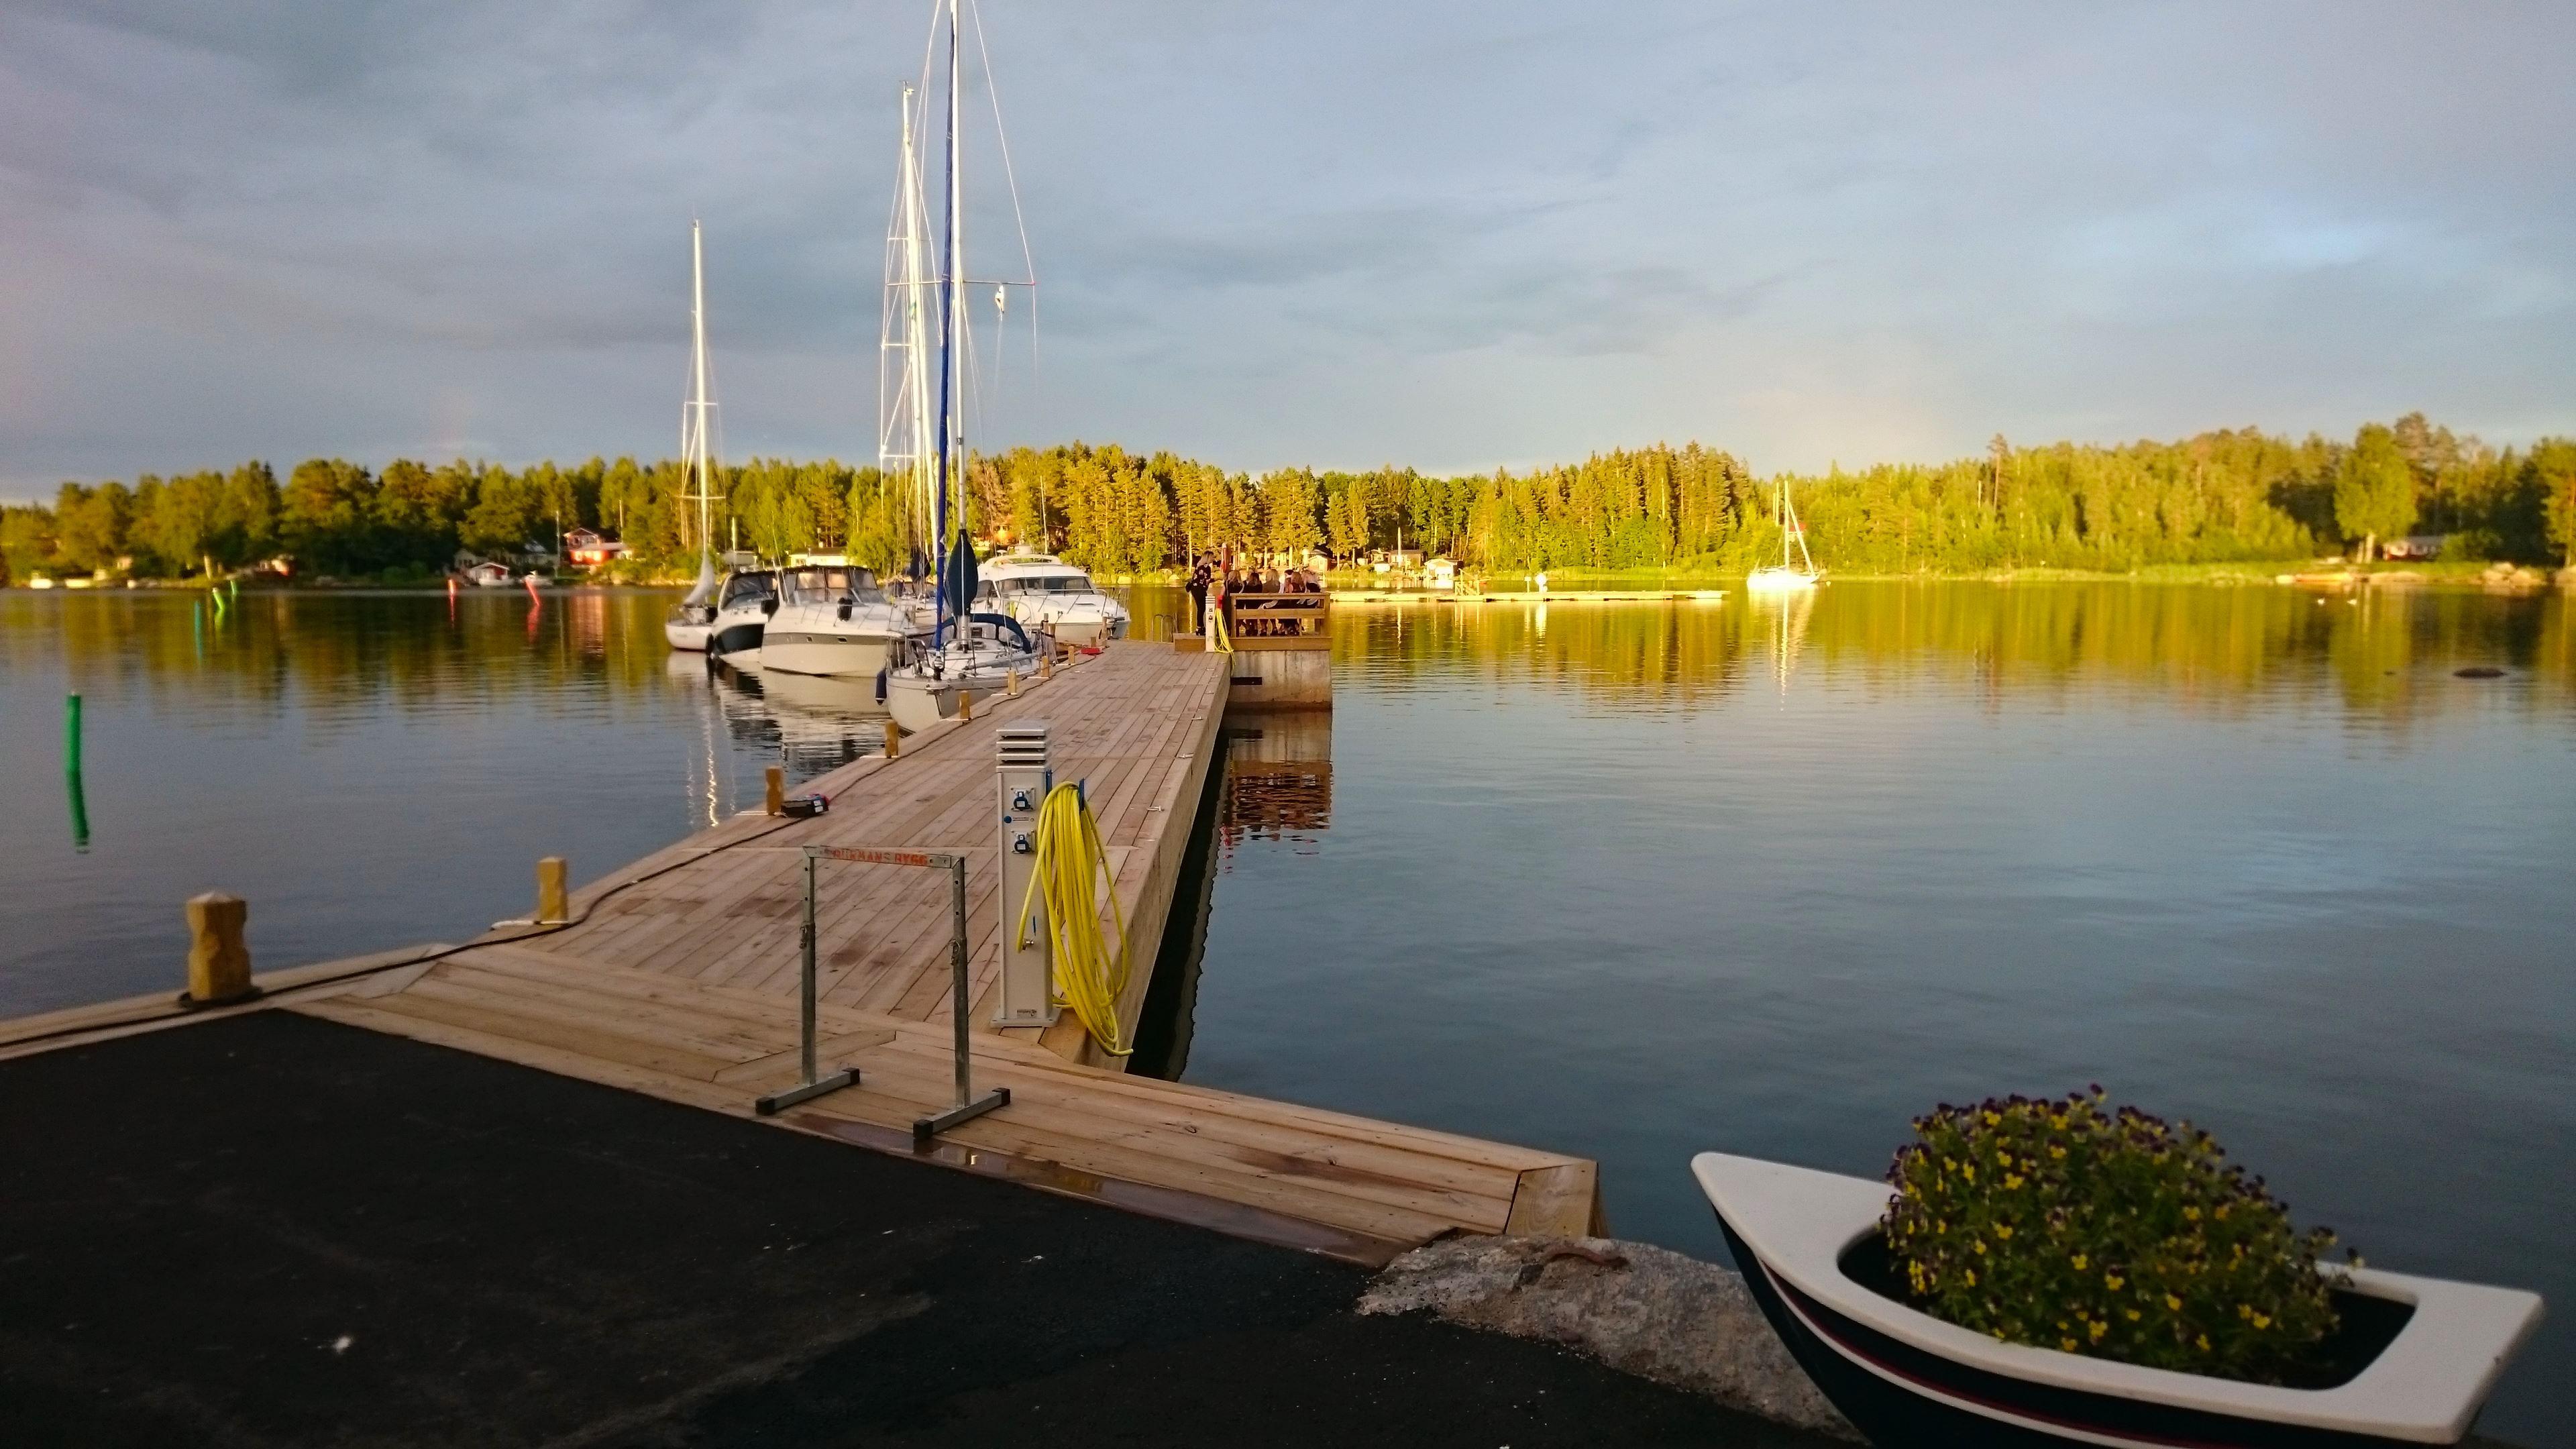 Carina Säker, Skärså Gästhamn